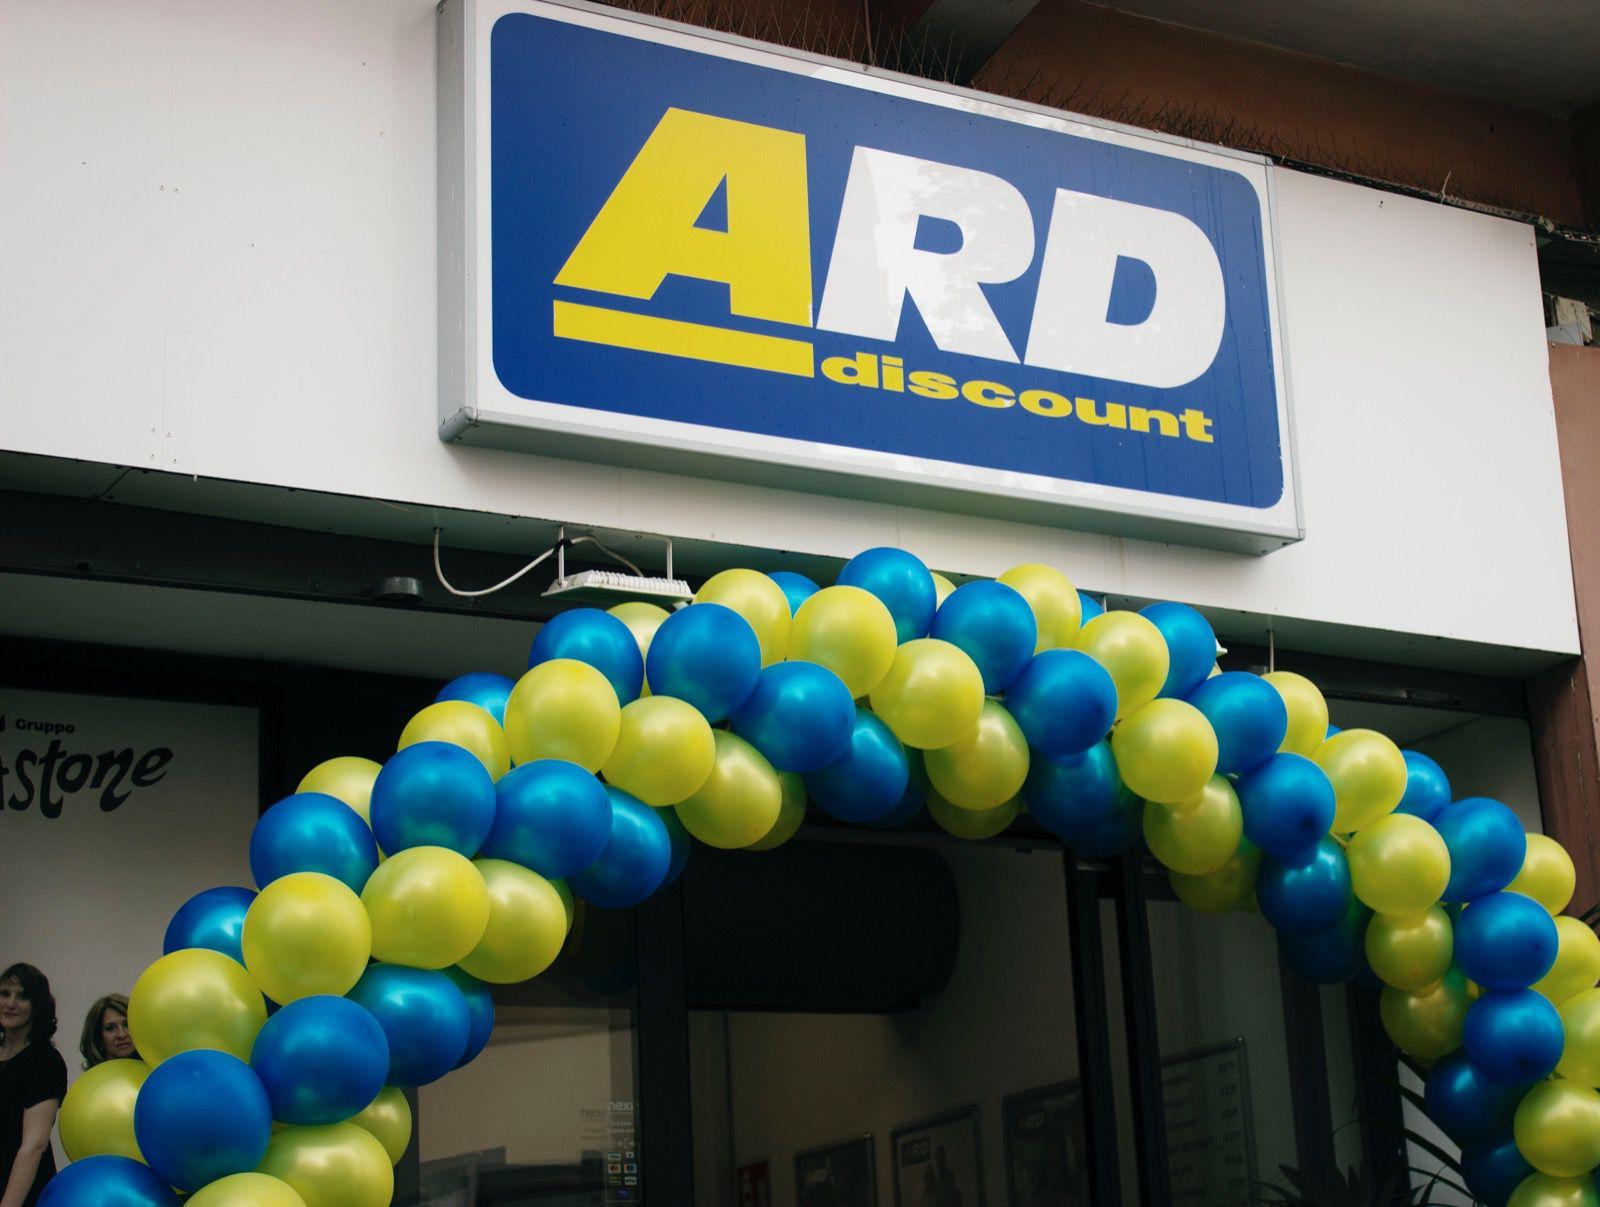 Oggi due nuove aperture: Ferla e Messina, facciamo le cose in grande! - ARD Discount